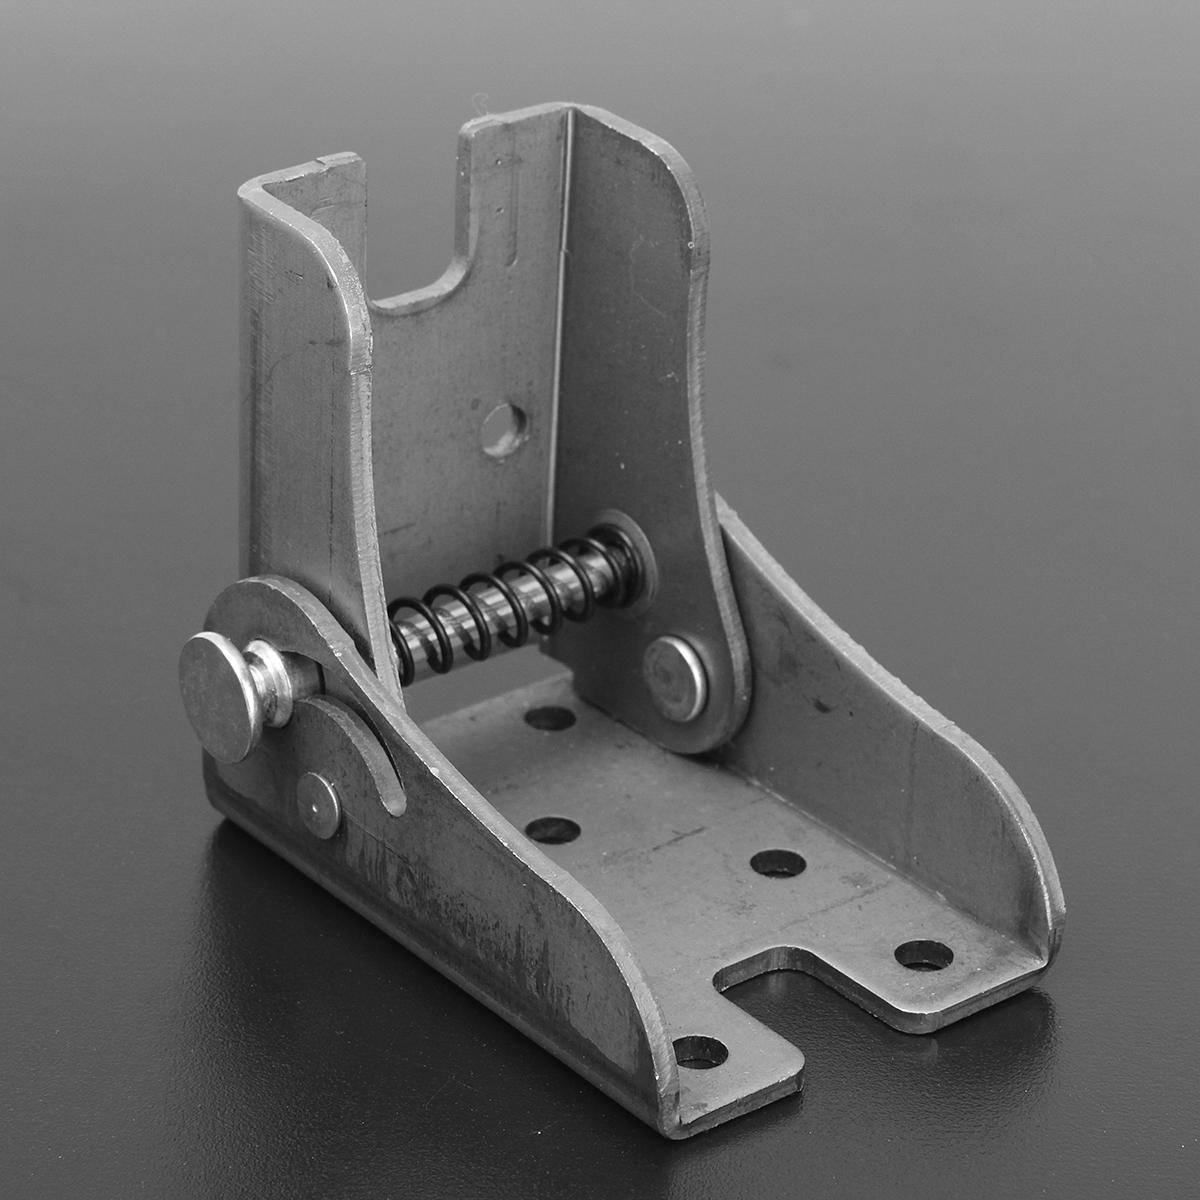 90 degrees Steel Folding Table Leg Bracket for 38x38 mm Legs